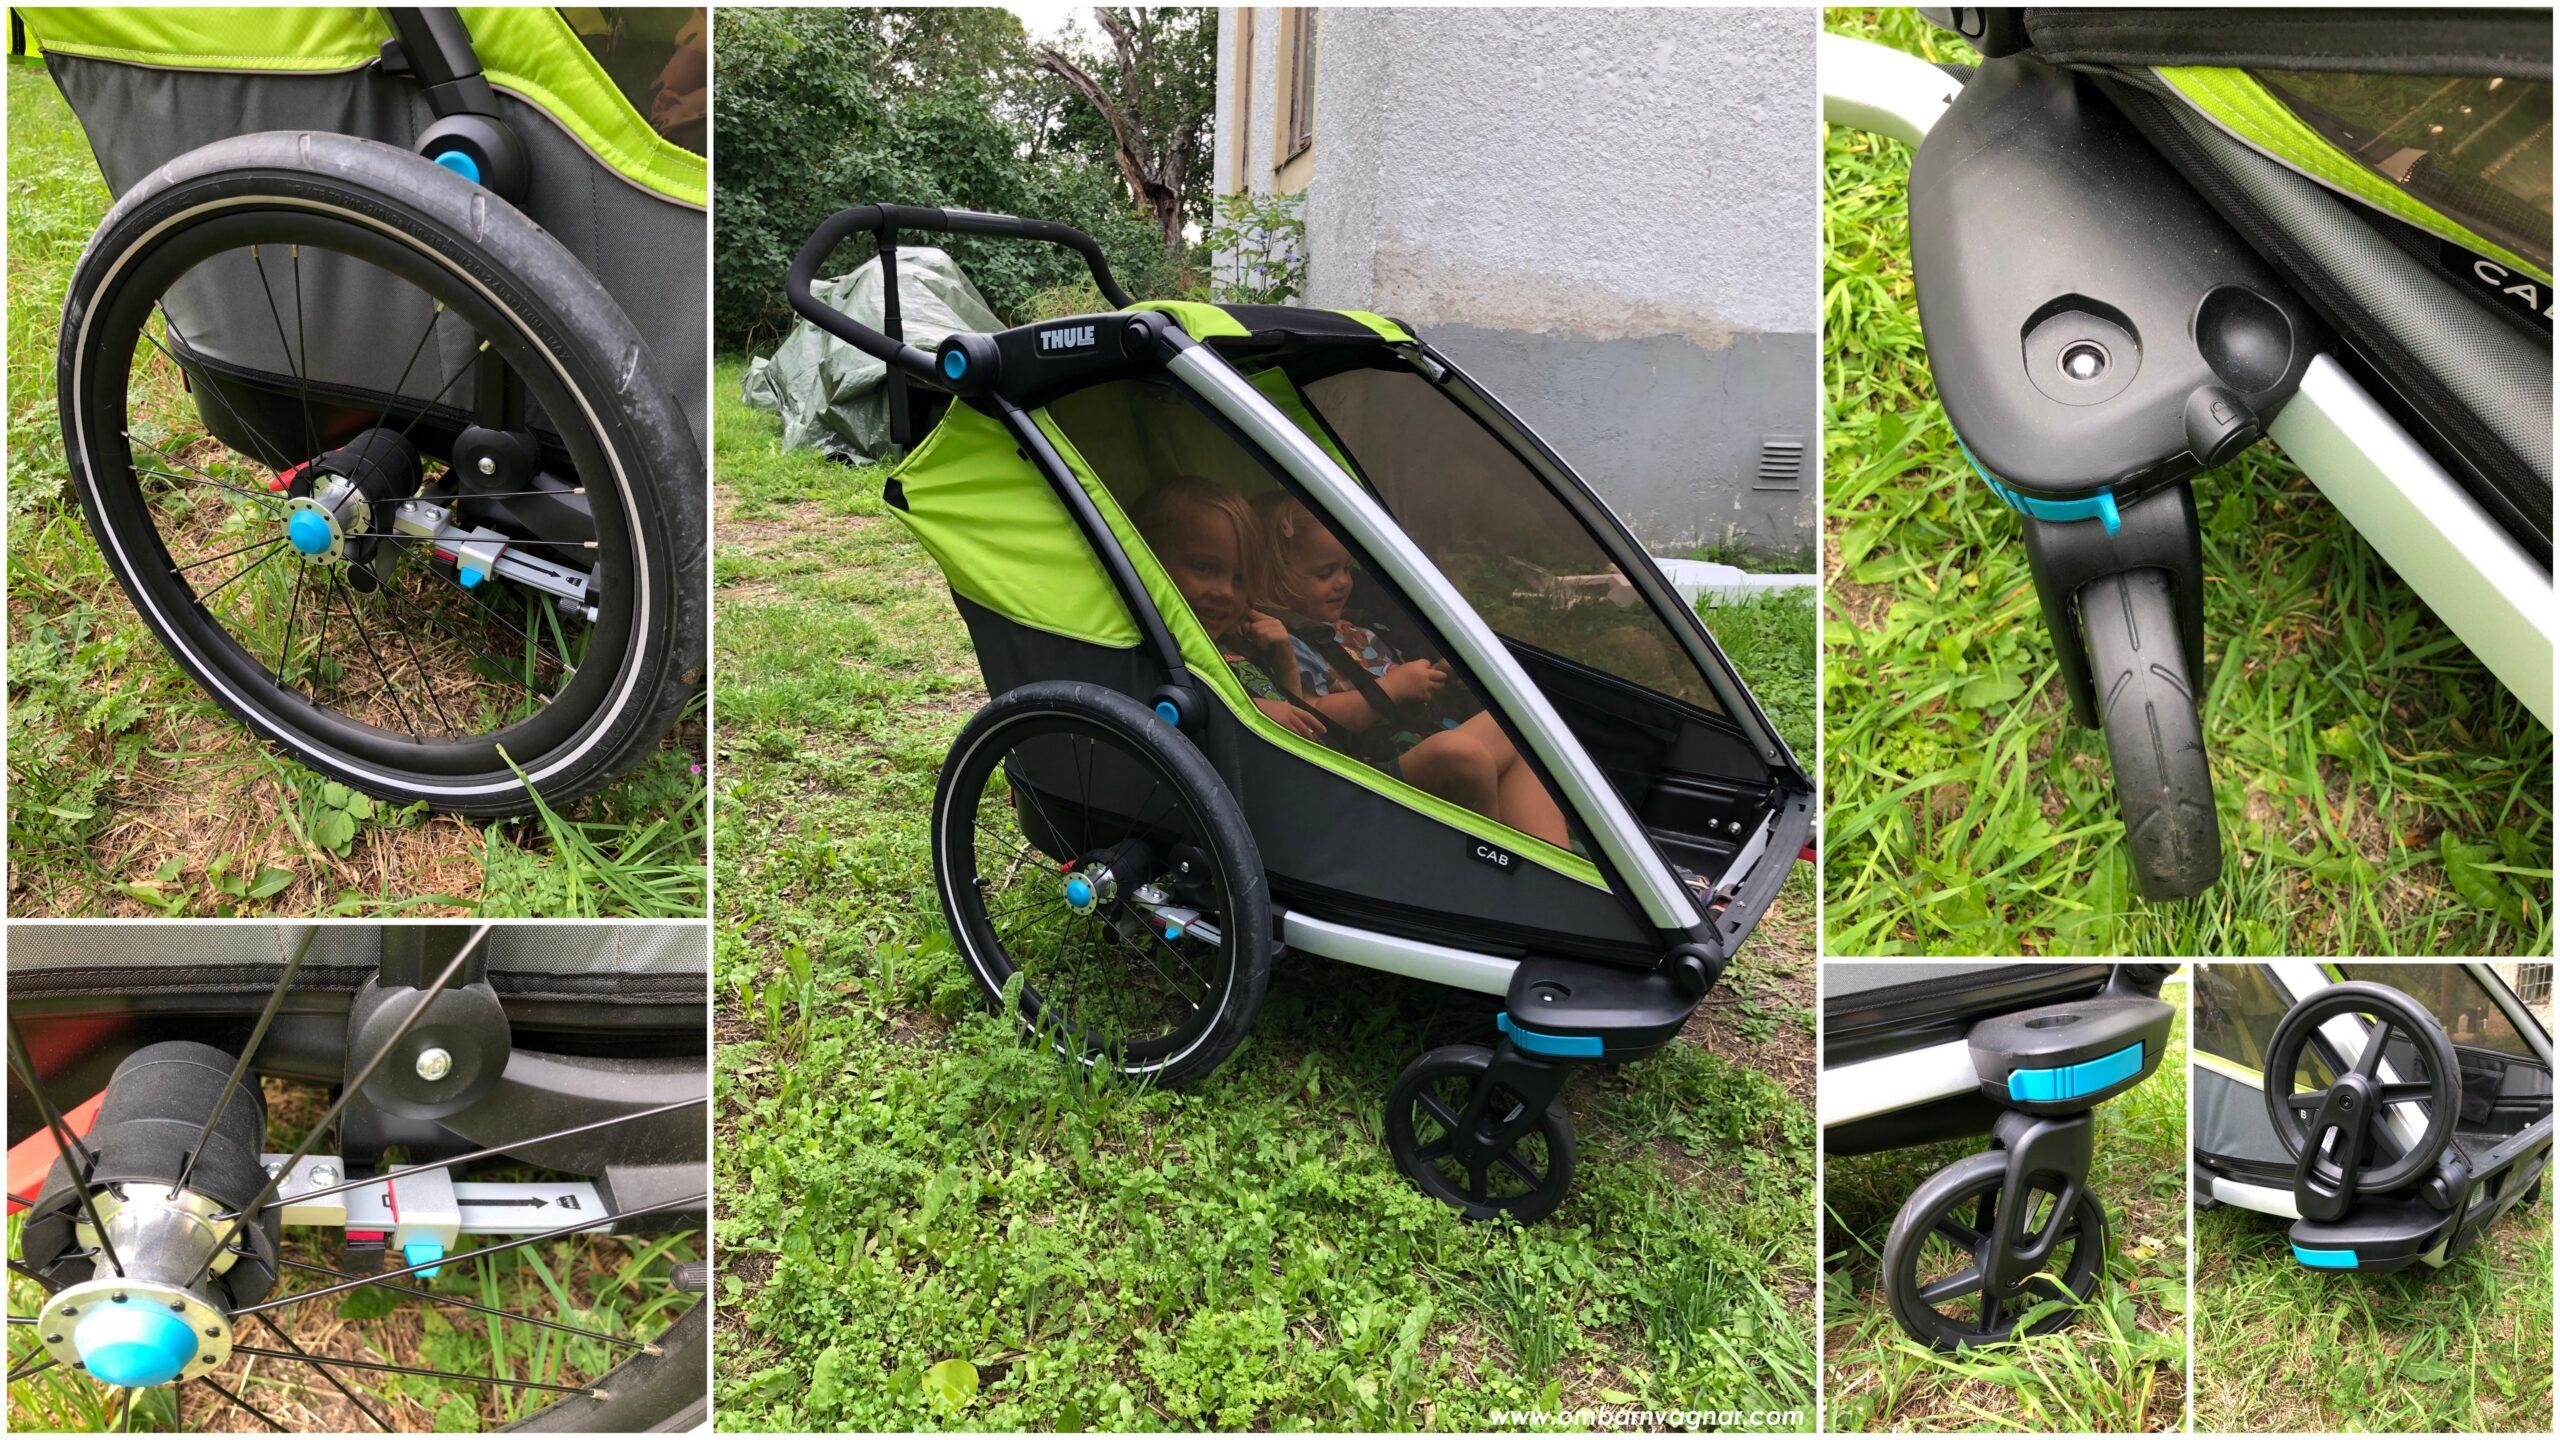 Thule Chariot Cab 2 cykelvagn har stora lufthjul baktill samt små, avtagbara framhjul